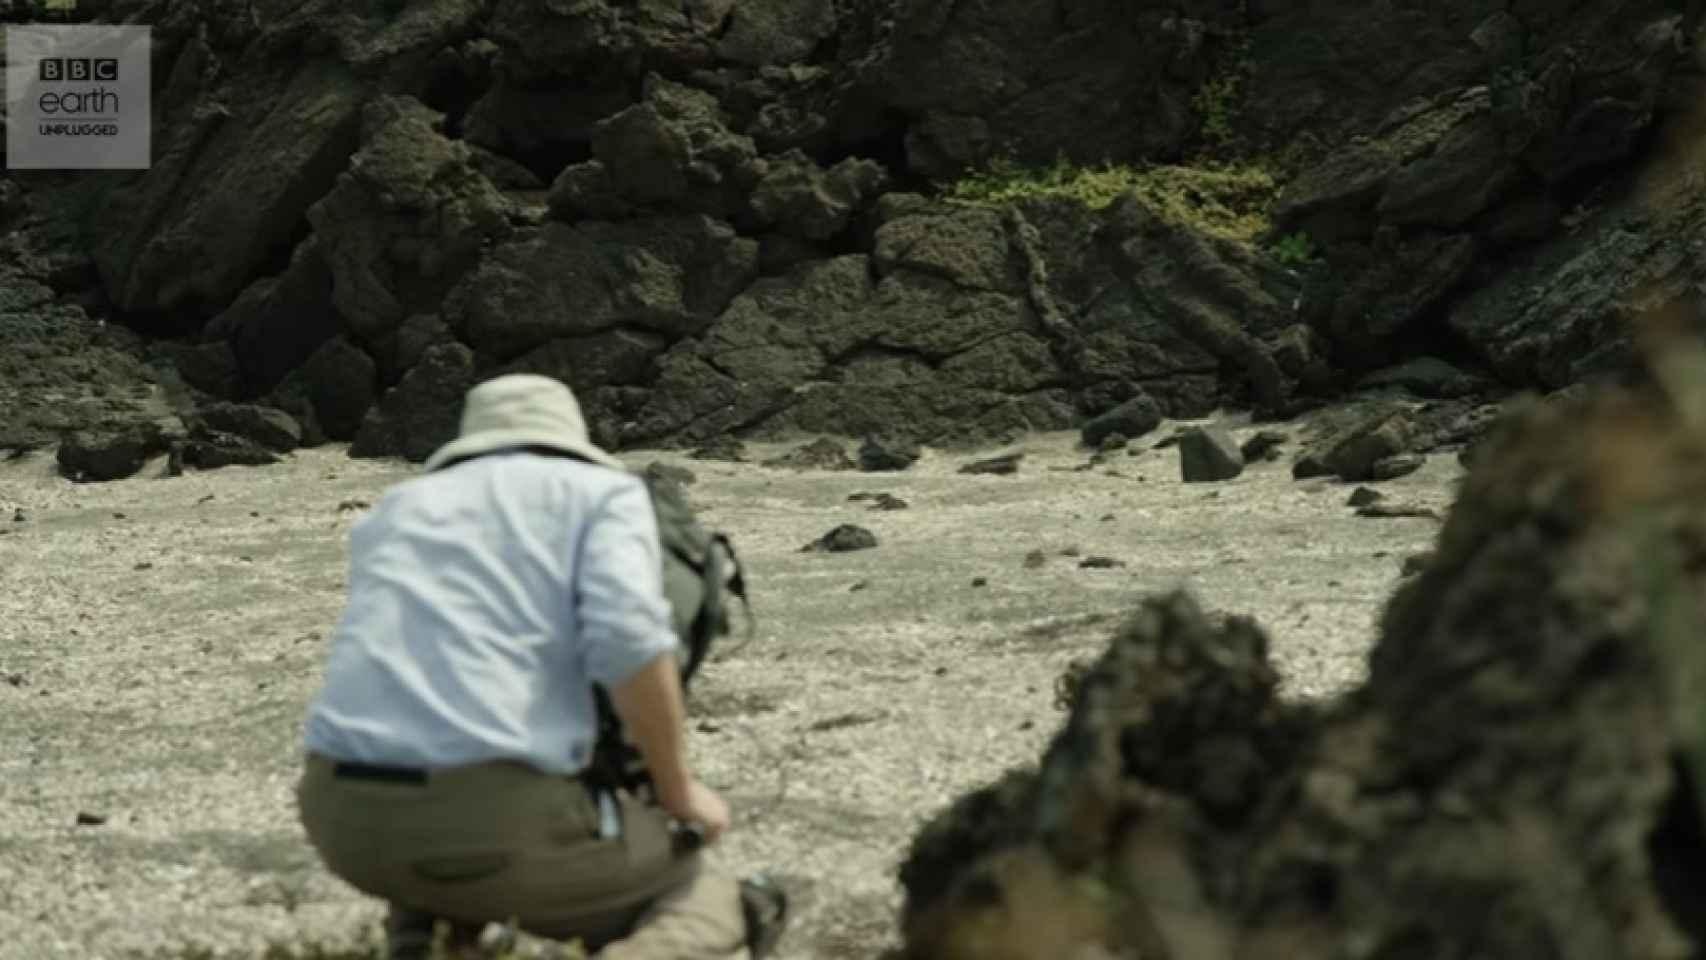 Uno de los cámaras de 'Planet Earth' que se encontraba grabando la escena.